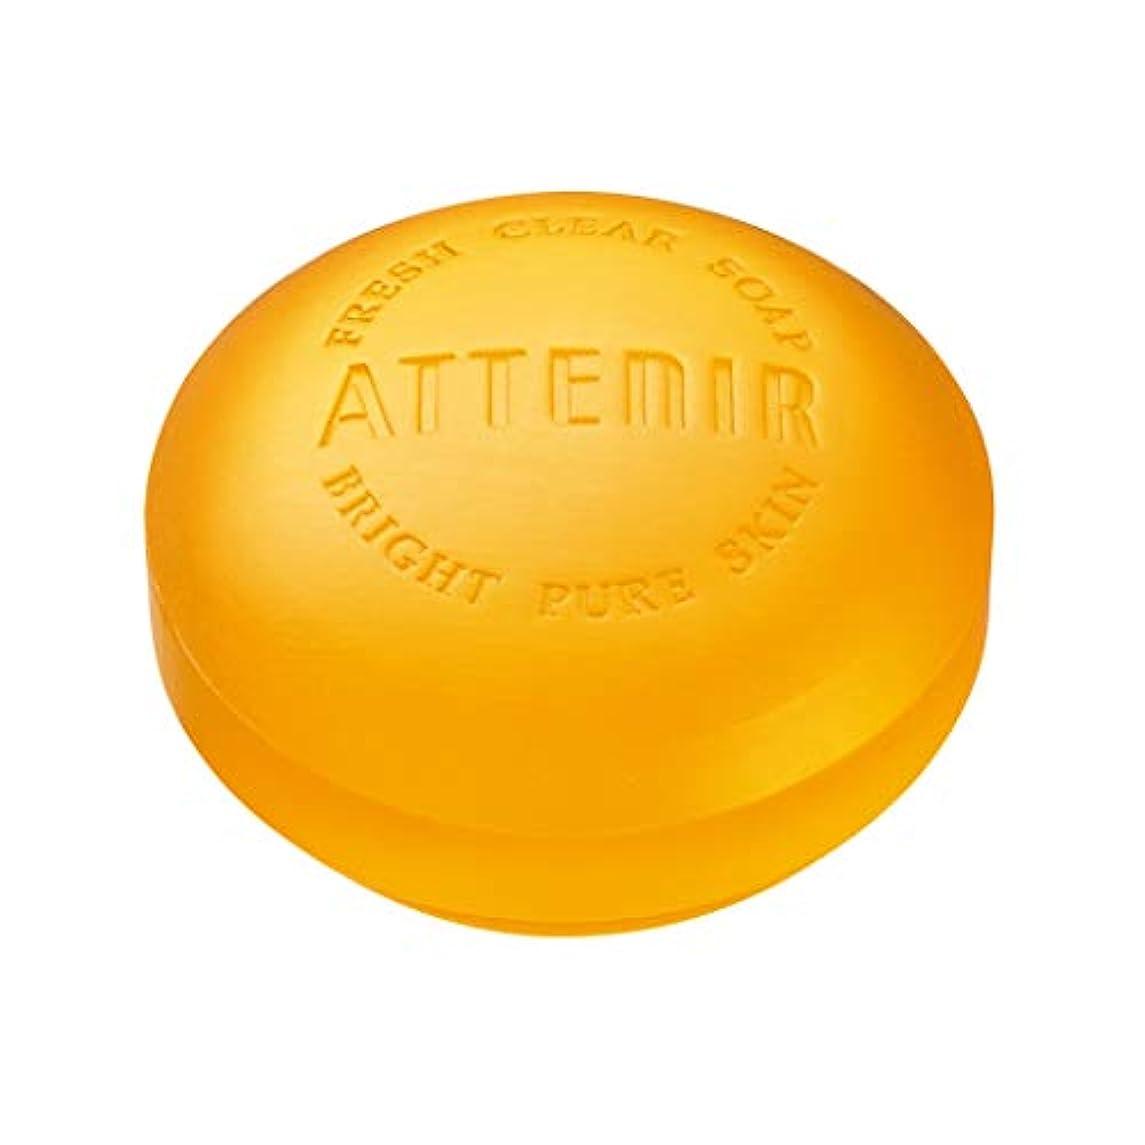 脇に属性遊び場アテニア フレッシュクリアソープ ホワイト 石鹸 くすみケア 天然オレンジの香り 100g